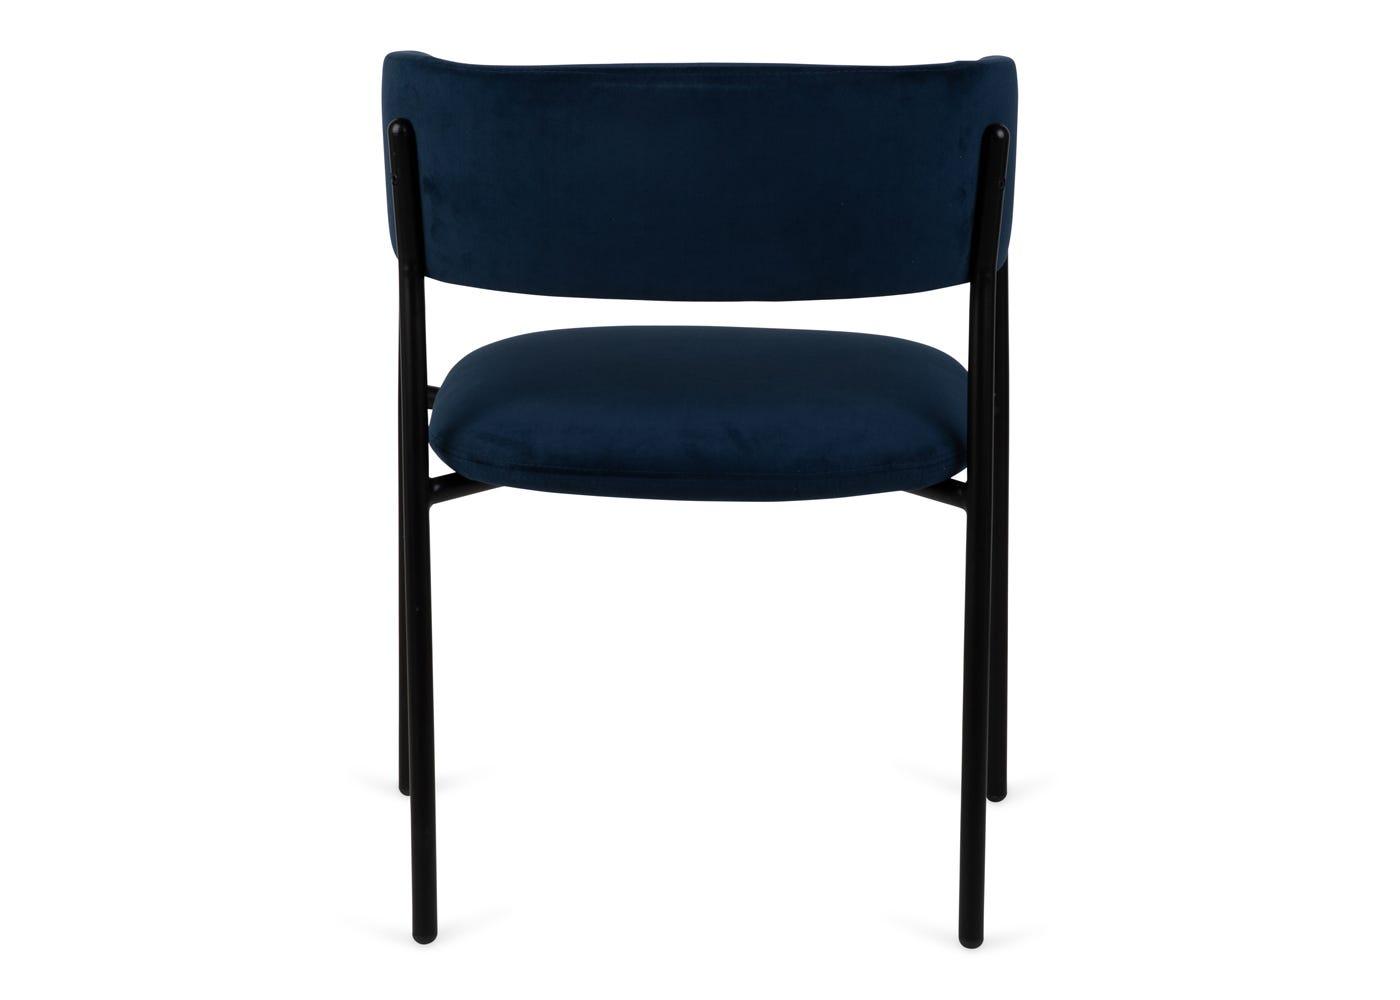 As shown: Neo velvet dining chair upholstered in indigo velvet - Rear profile.